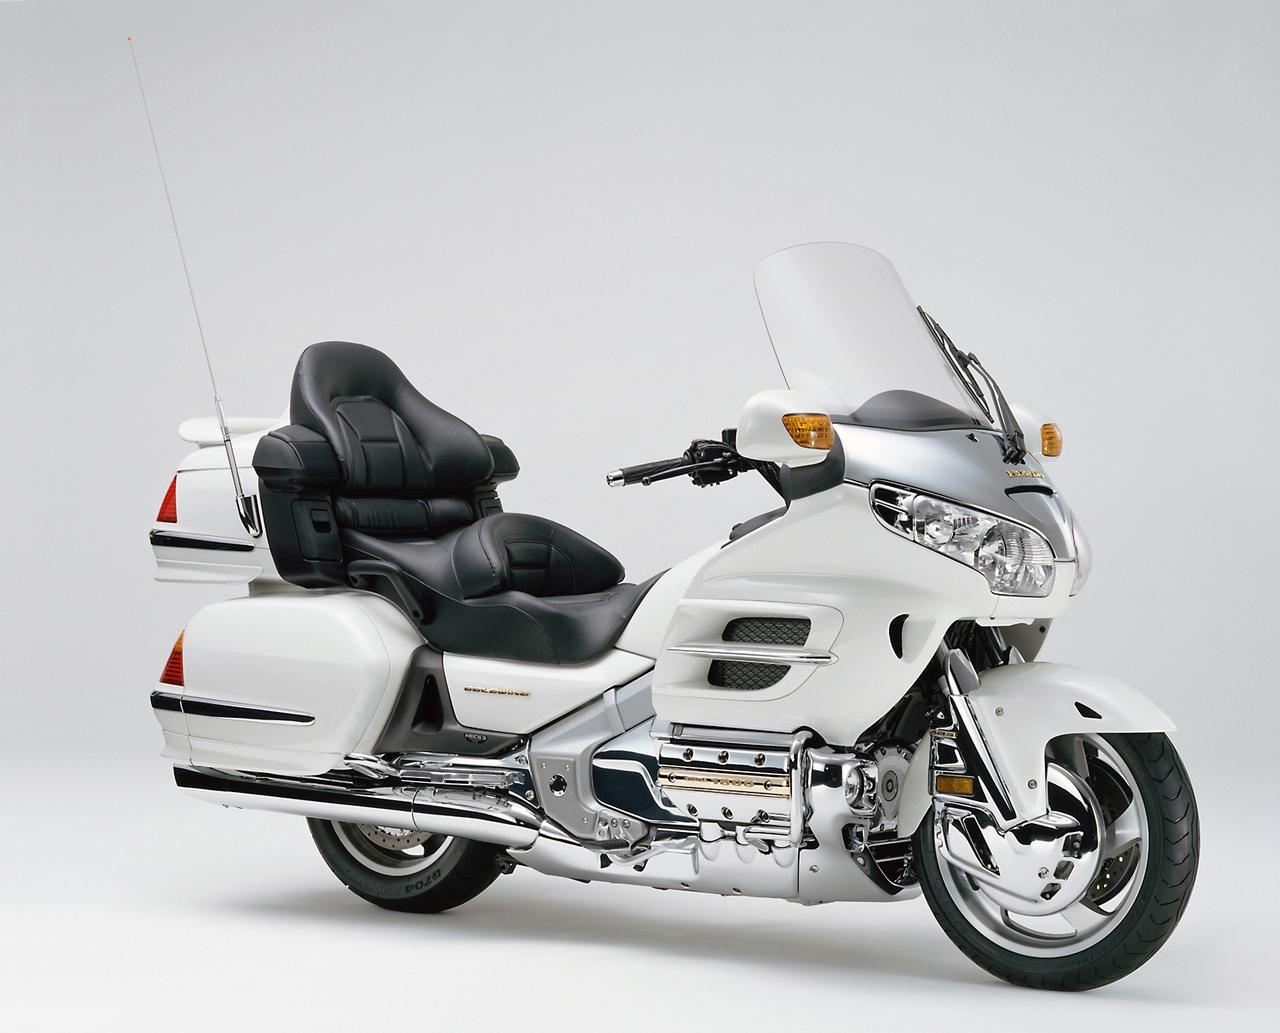 画像: アルミツインチューブフレームの1800ccになったのは01年からで、当初は700台の限定モデルとして登場。07年にはバイクで初めてのエアバッグ装着車を追加するなど、細かいマイナーチェンジを繰り返した。